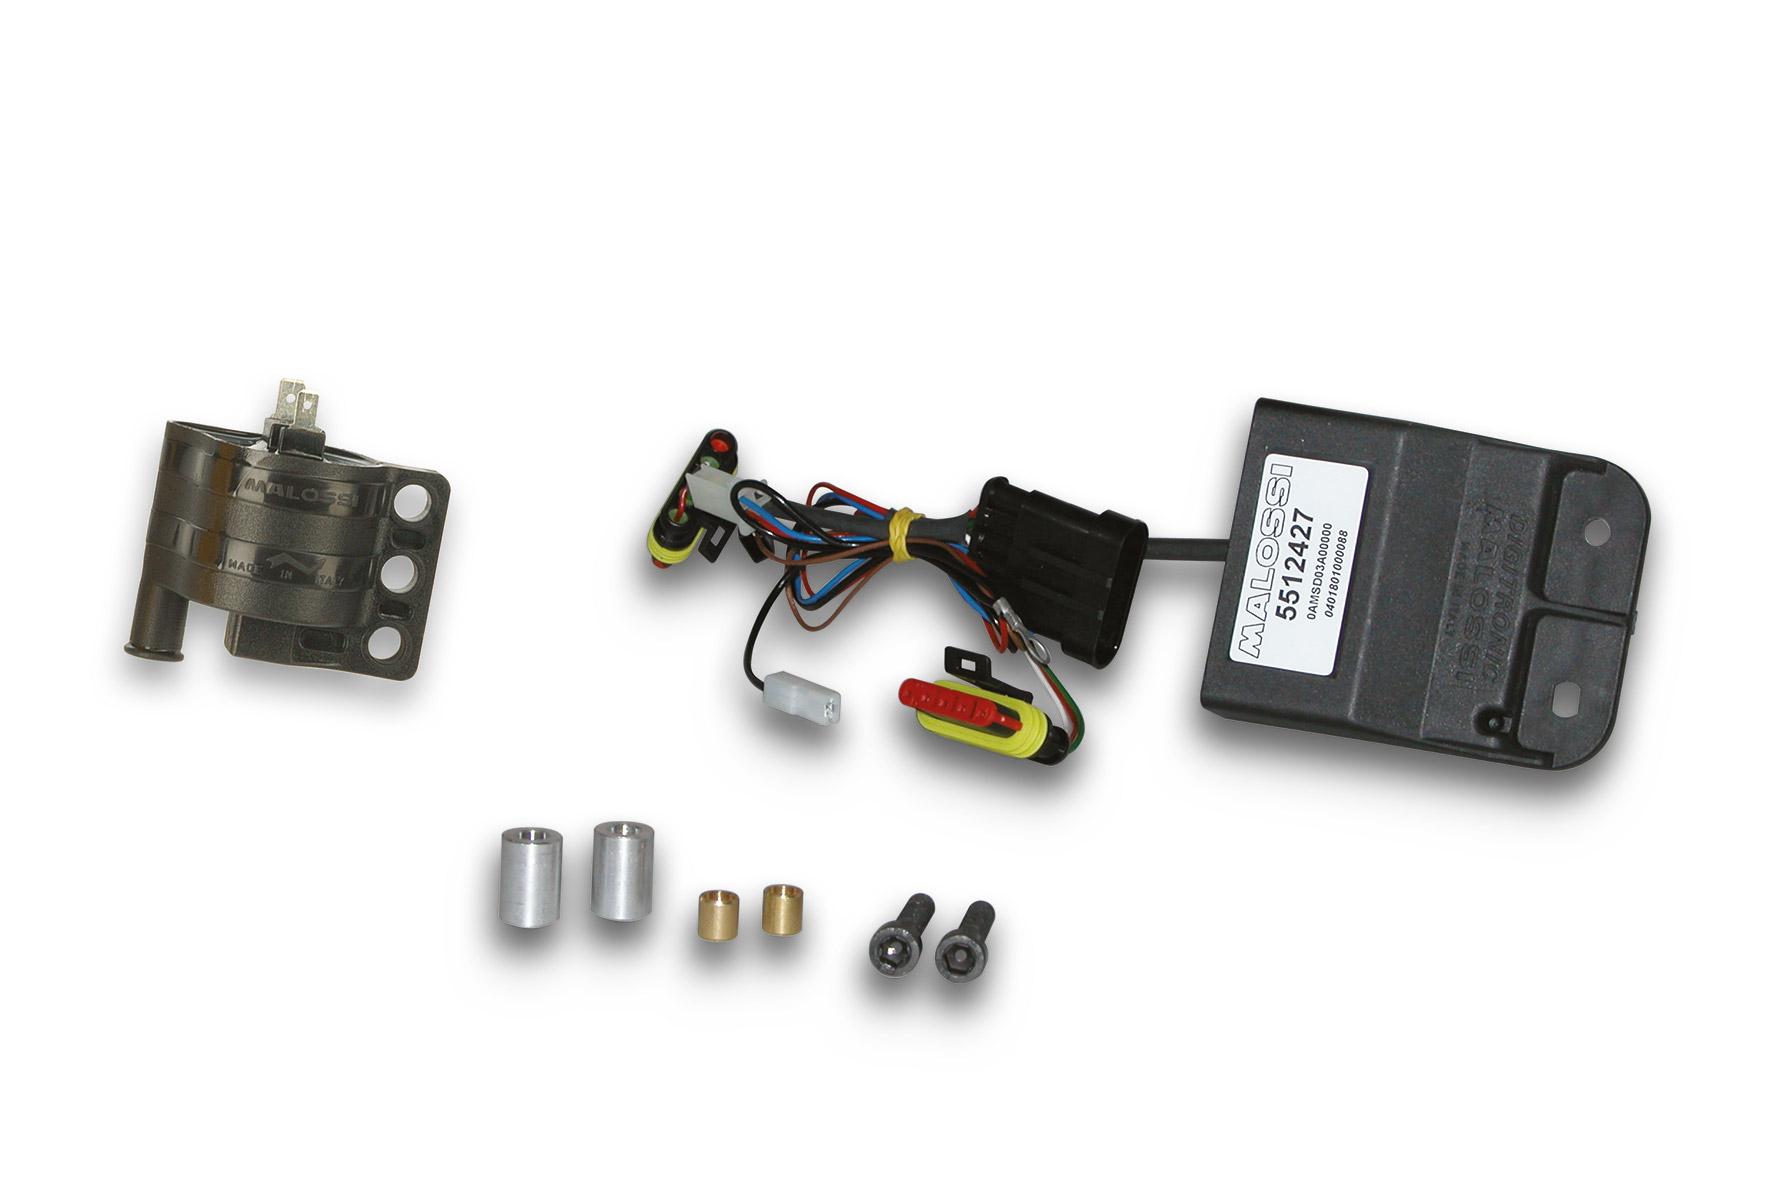 Centralina elettronica digitale DIGITRONIC completa di bobina